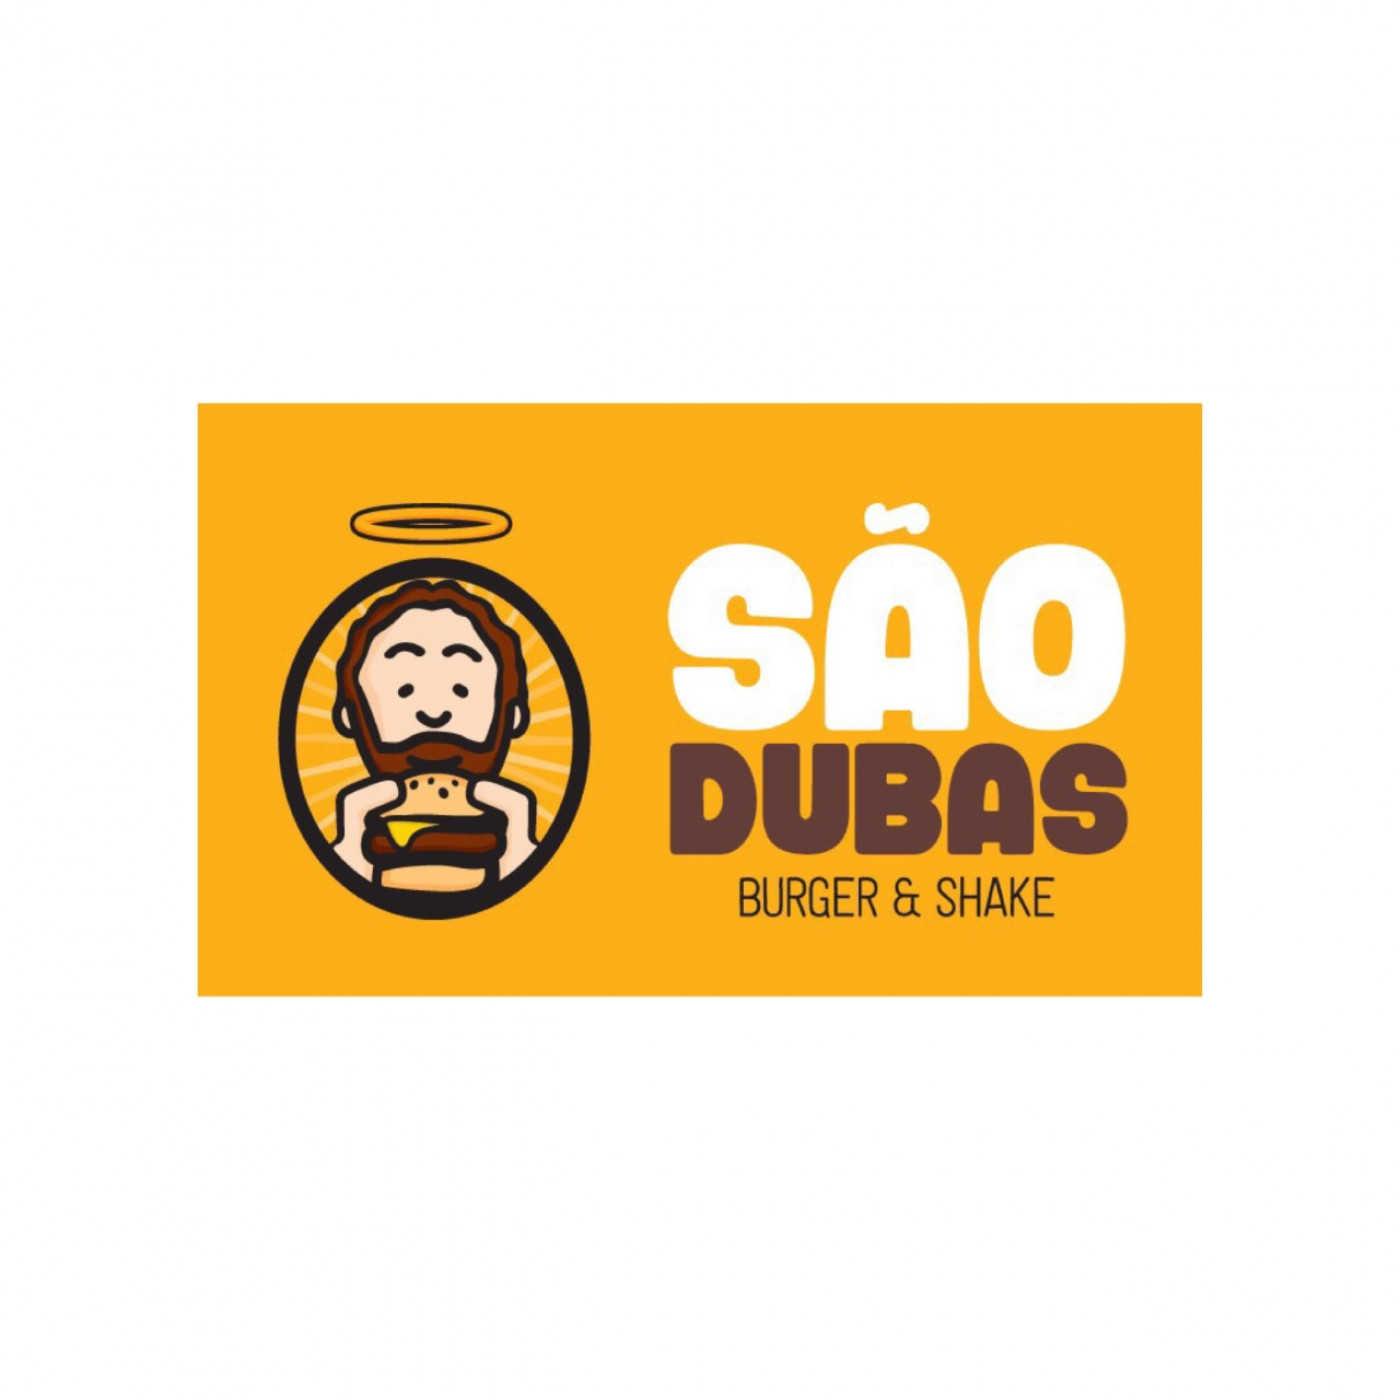 São Dubas